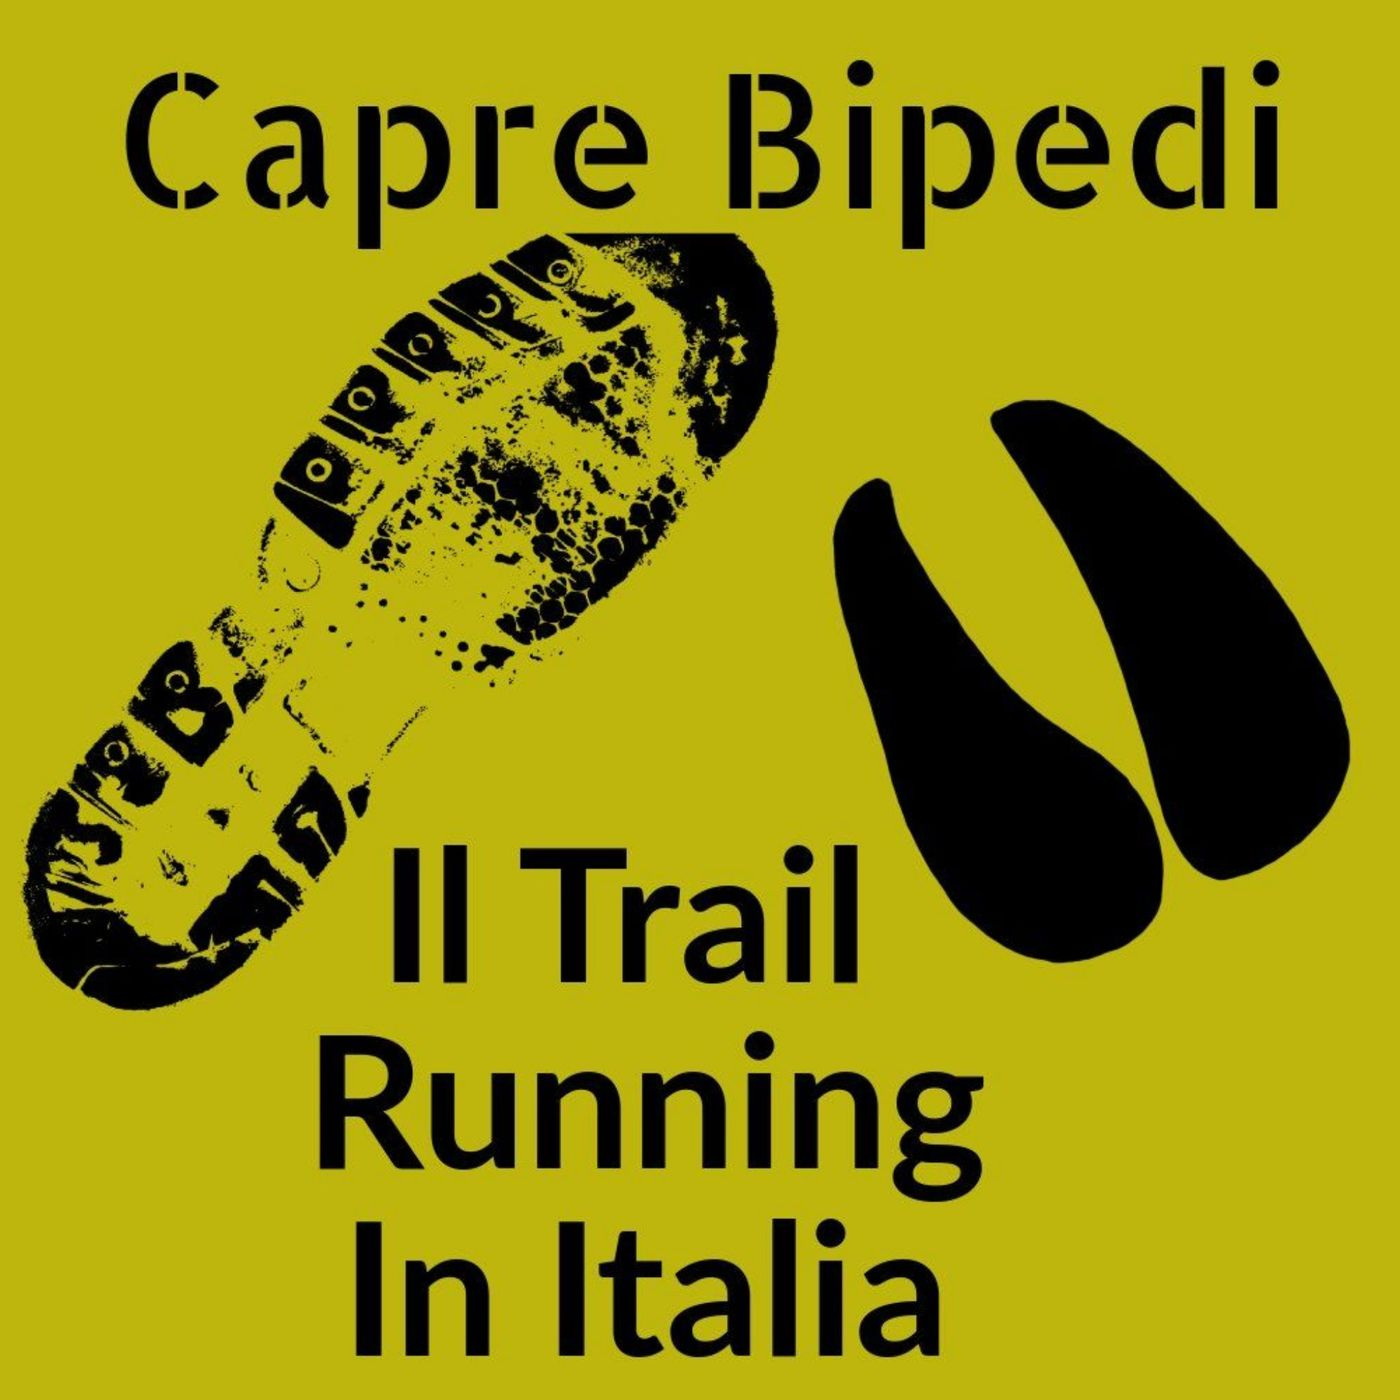 Le gare di aprile 2019 - Capre Bipedi: Il Trail Running In Italia